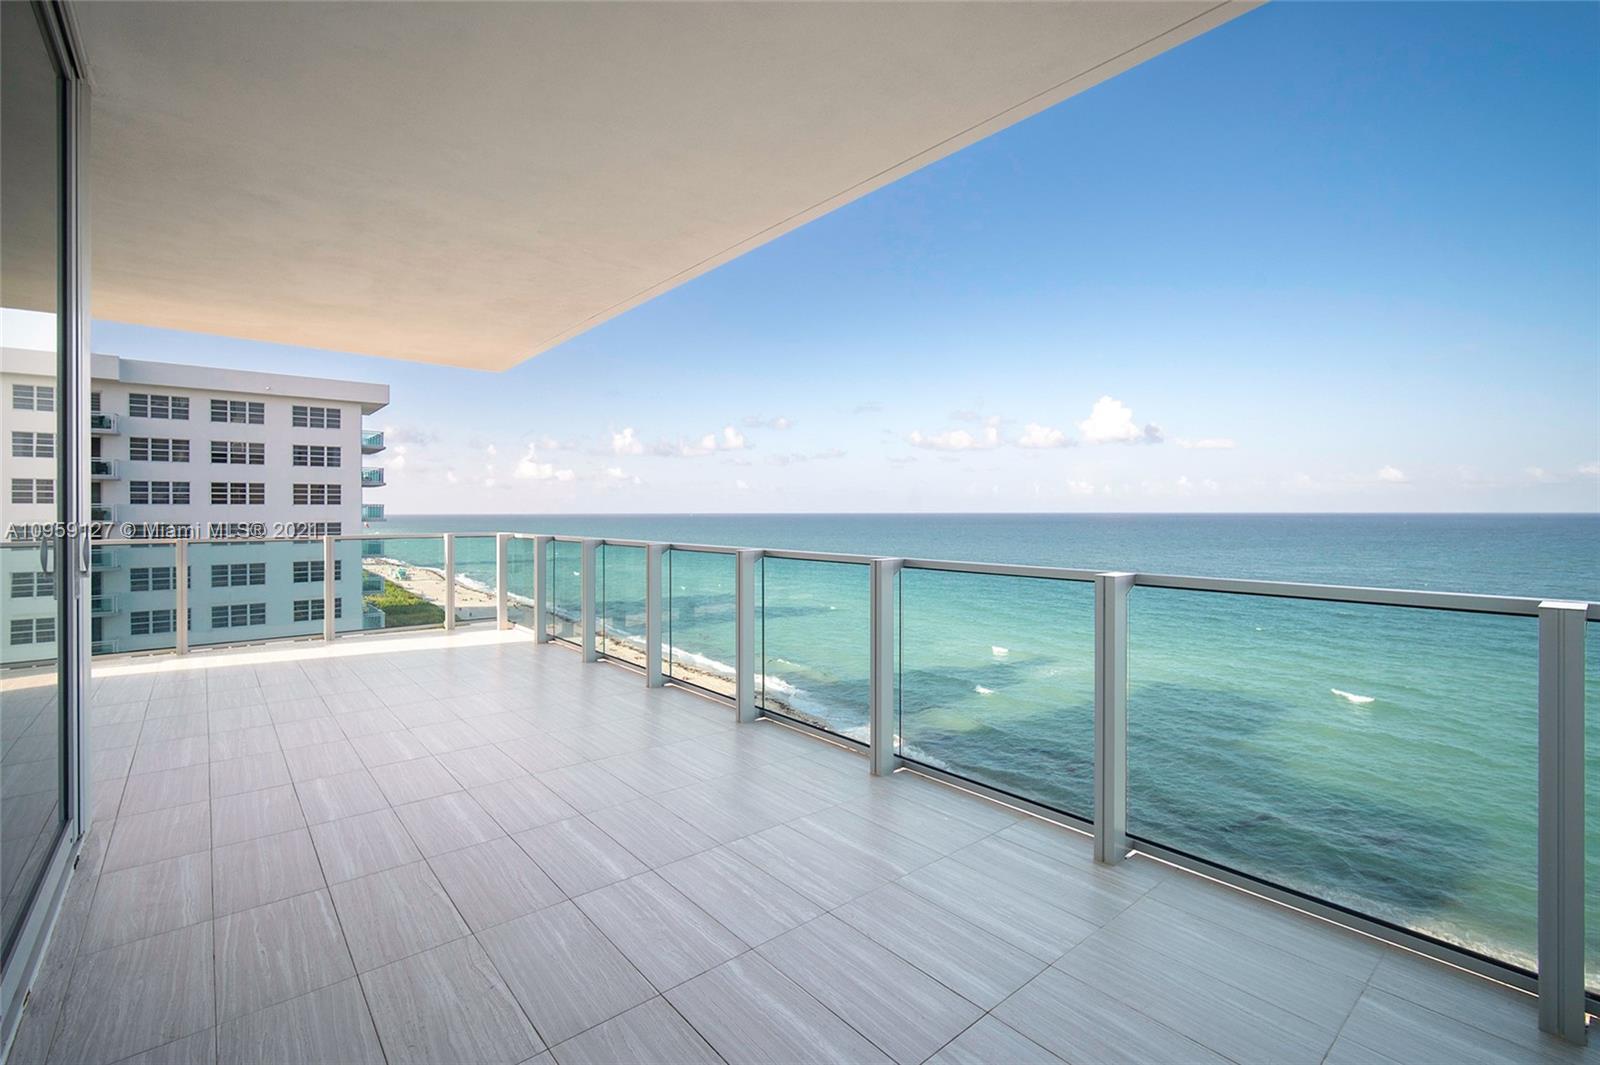 6901 Collins Ave Unit 1001, Miami Beach, Florida 33141